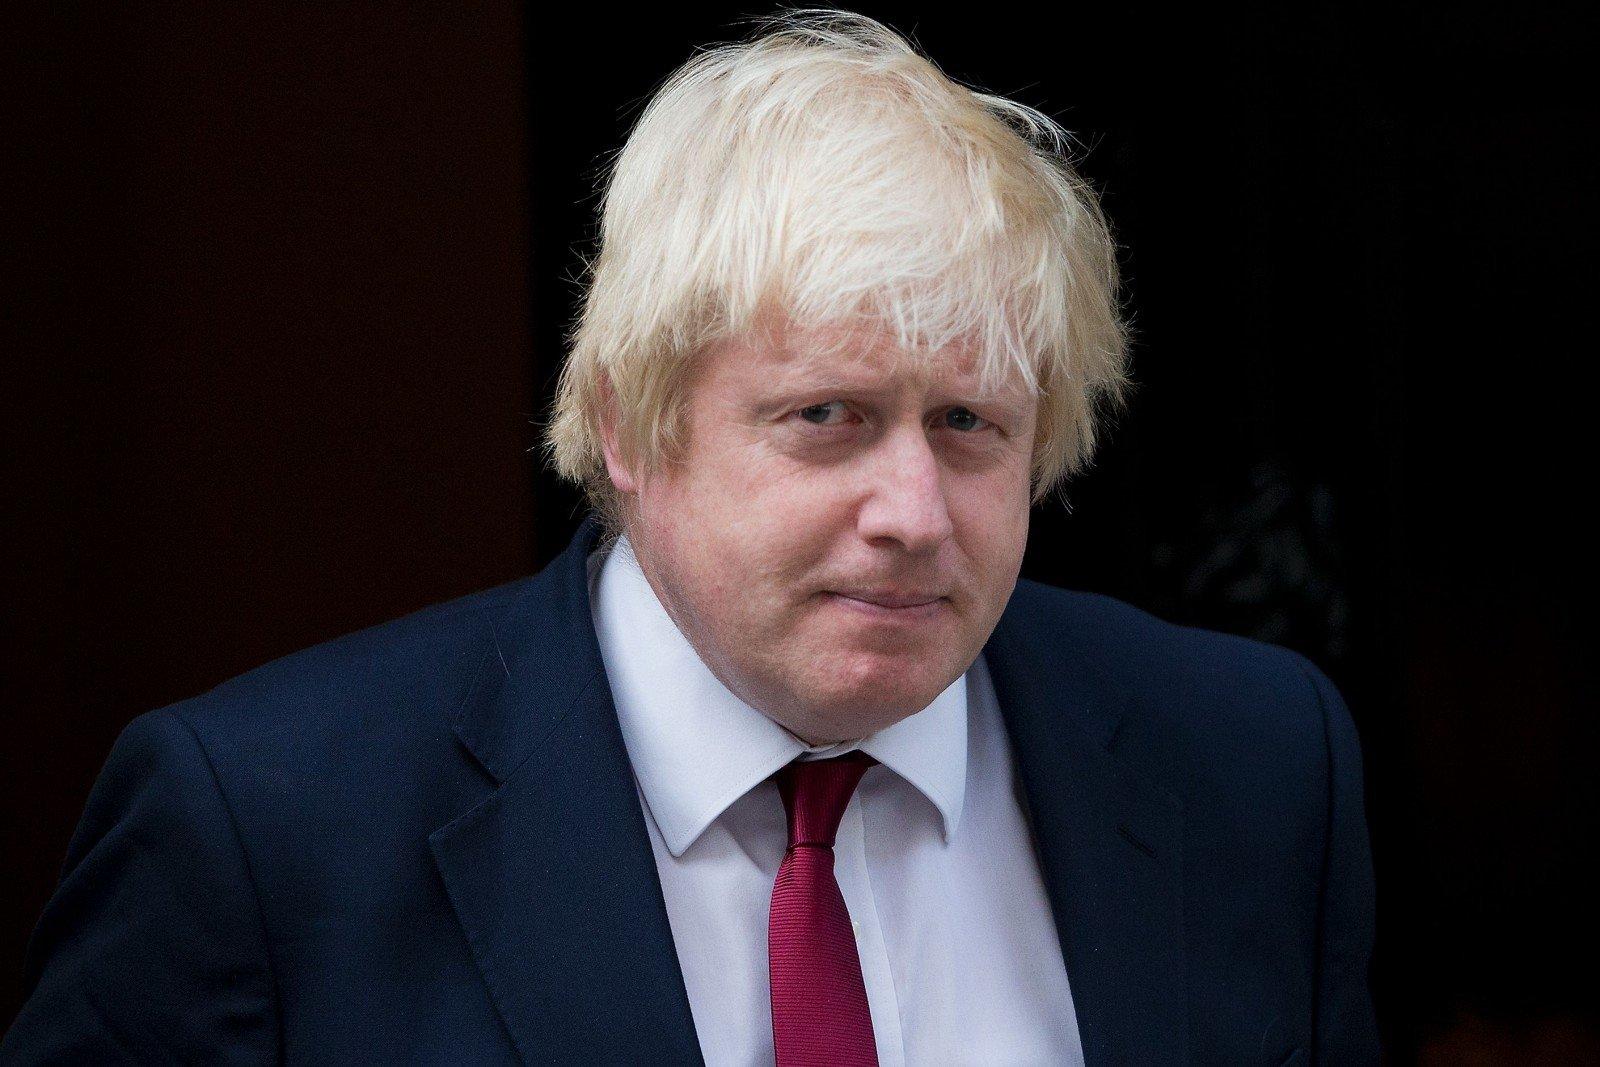 ЕС поддержал позицию Великобритании о вероятной причастности РФ к делу Скрипаля